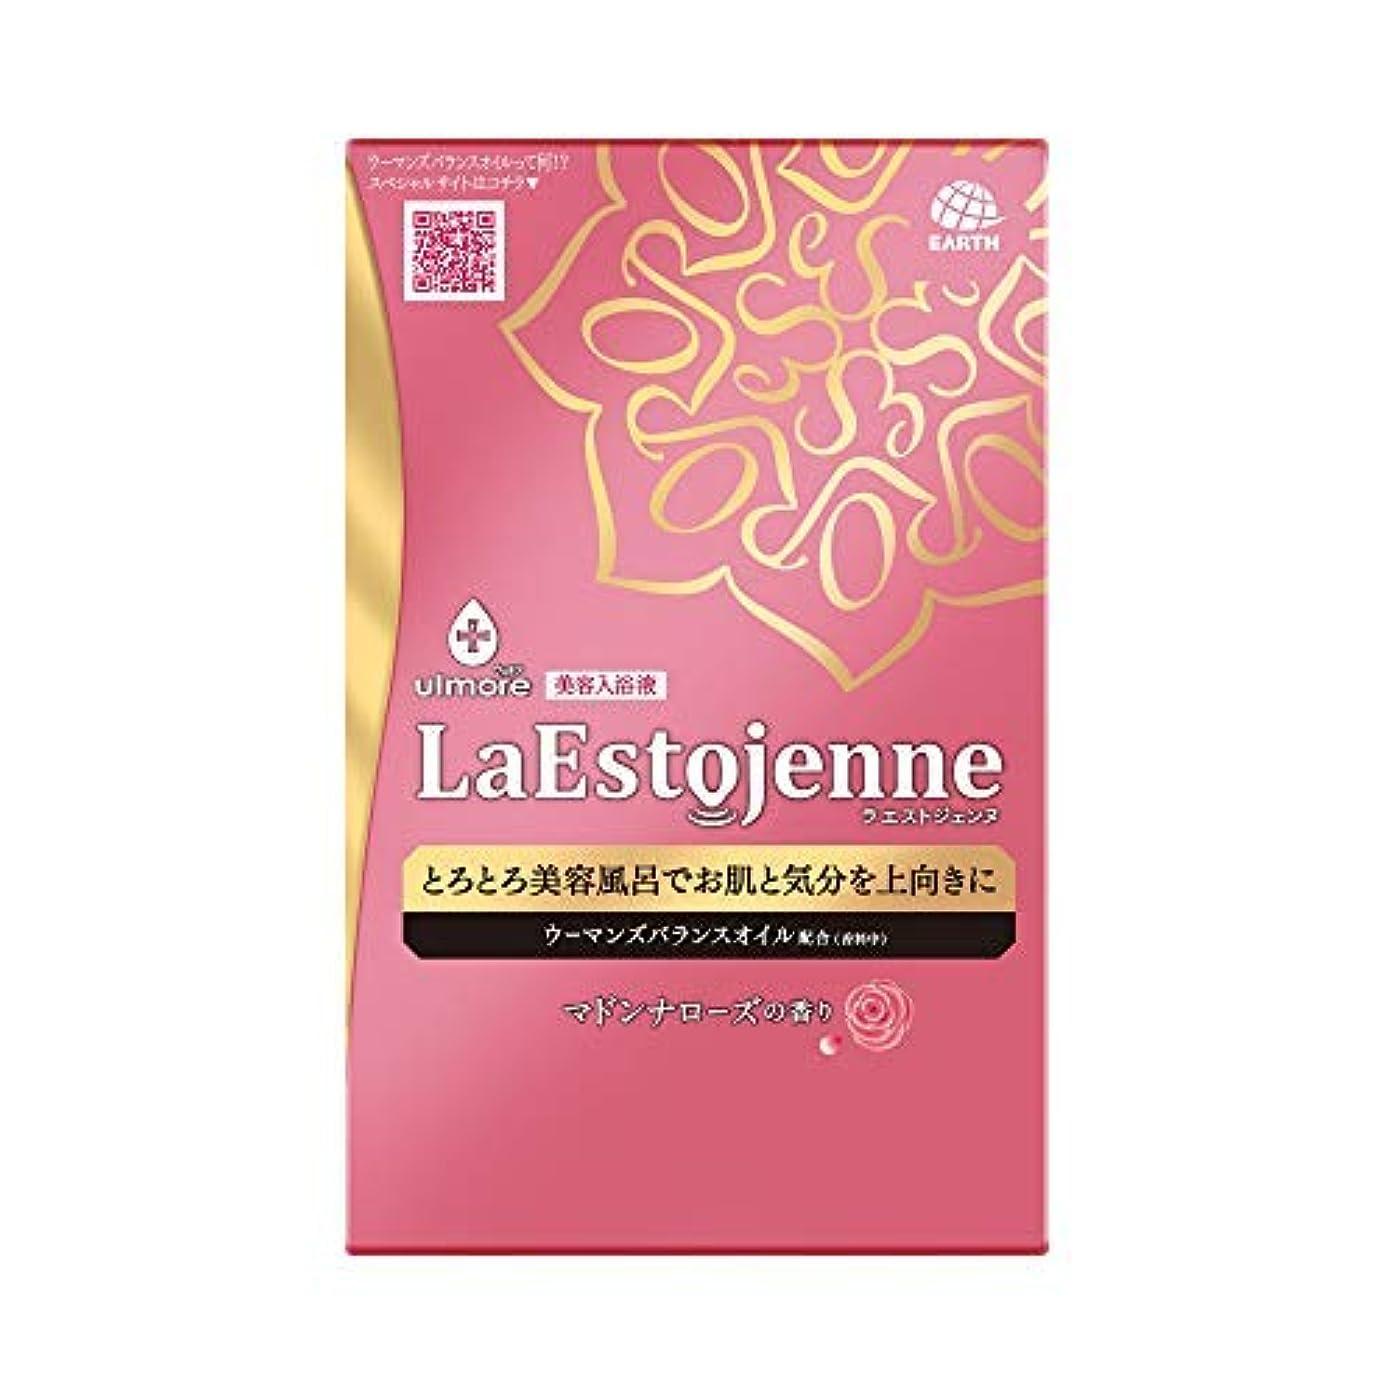 帝国熱心少なくともウルモア ラエストジェンヌ マドンナローズの香り 3包入り × 8個セット